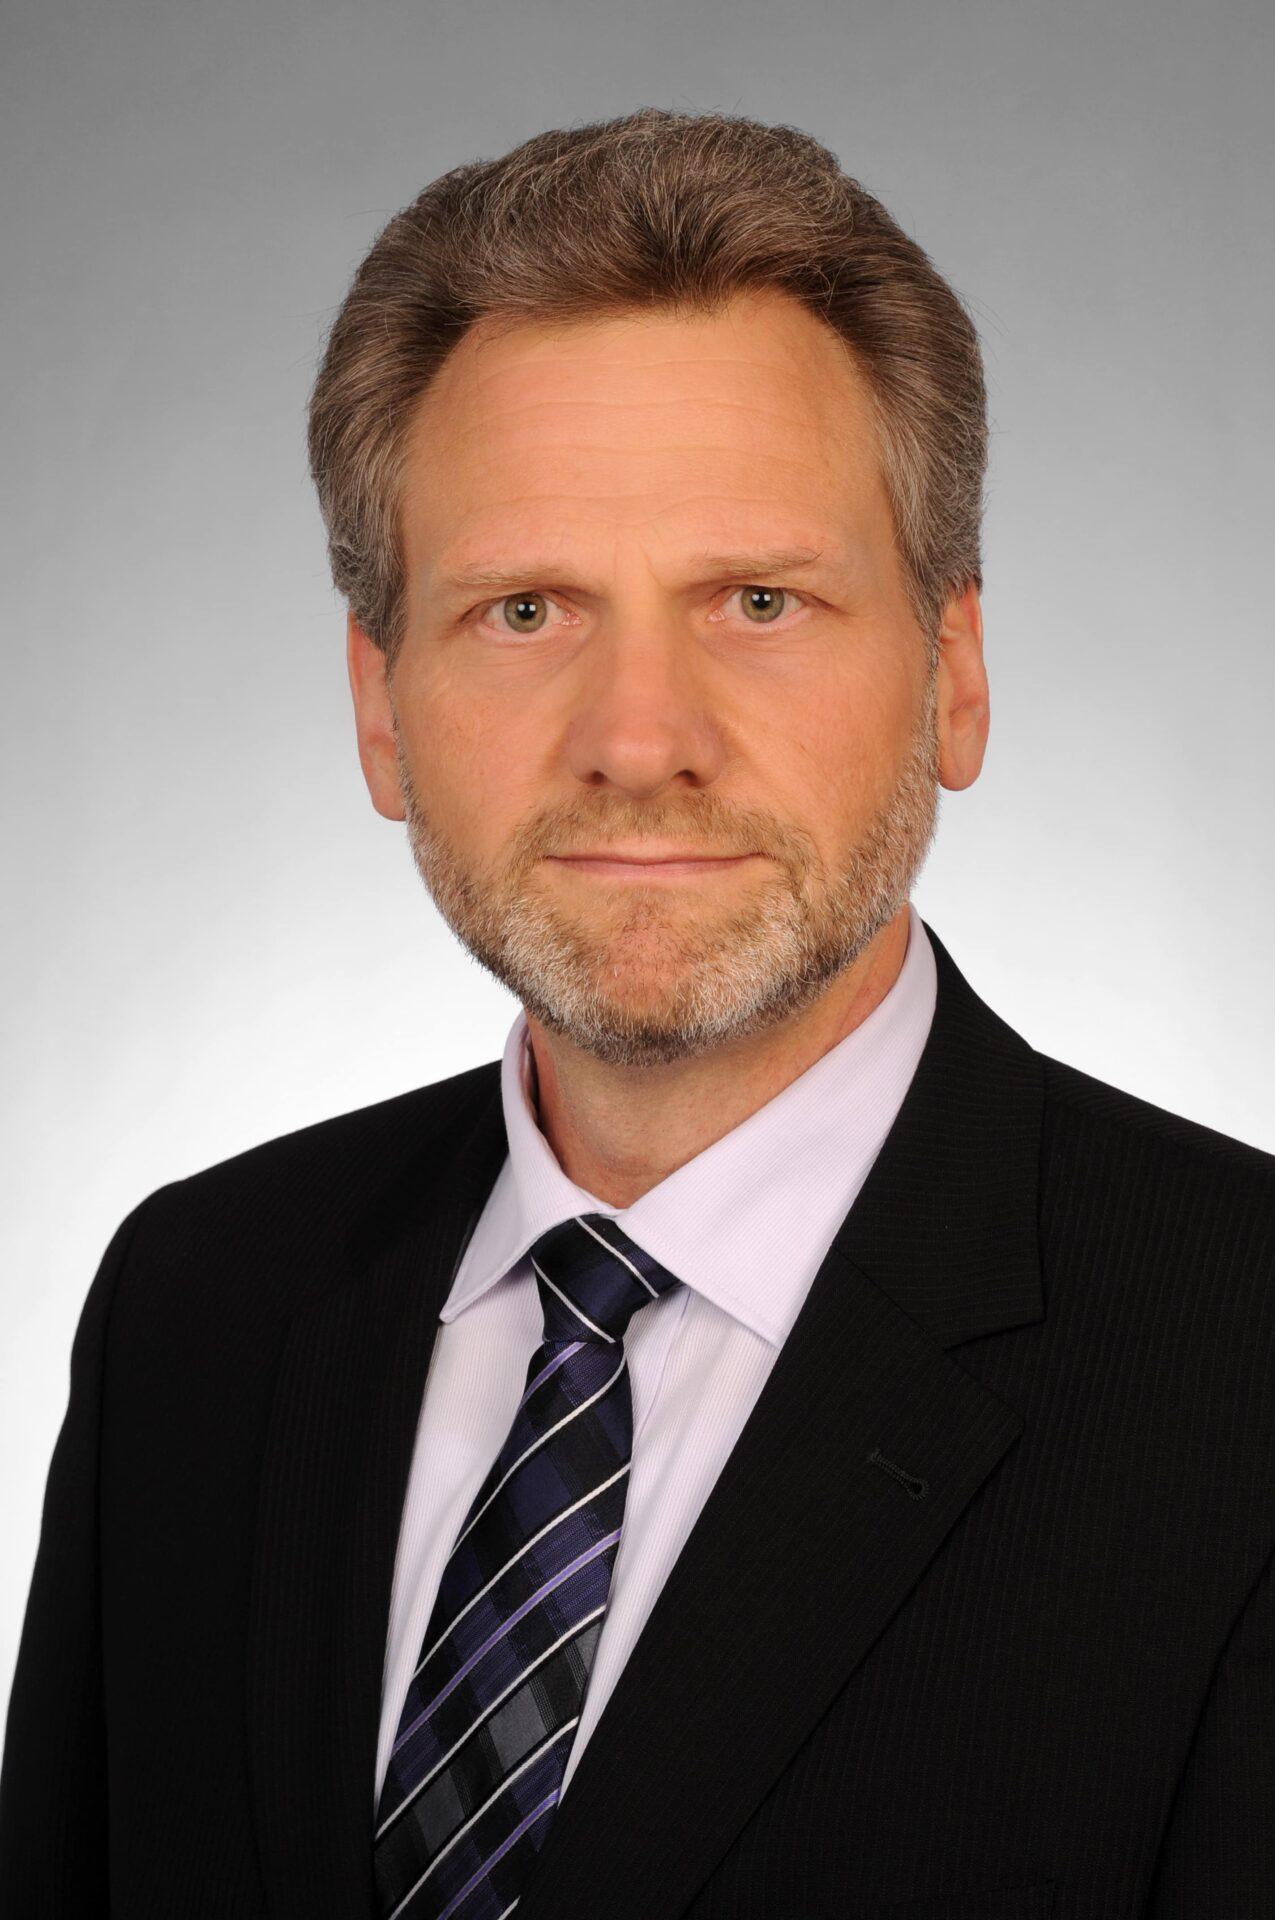 Bruce Nikkel